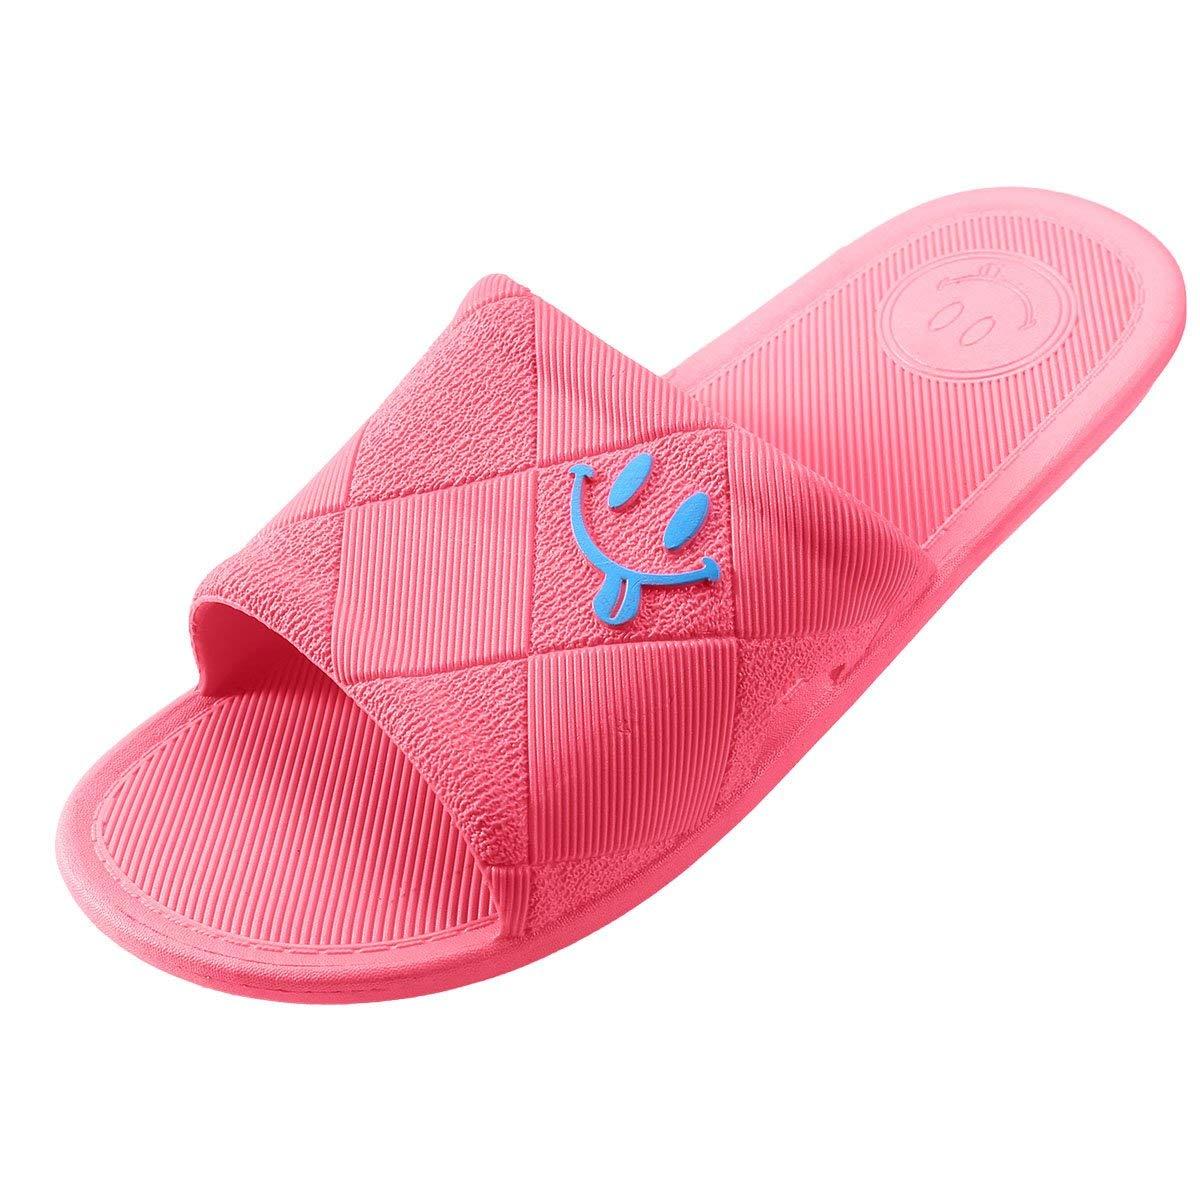 BESIDESTAR Unisex House Slippers, Leisure Smile Indoor Slipper Anti-Slip Bath Open Toe Sandals for Men and Women